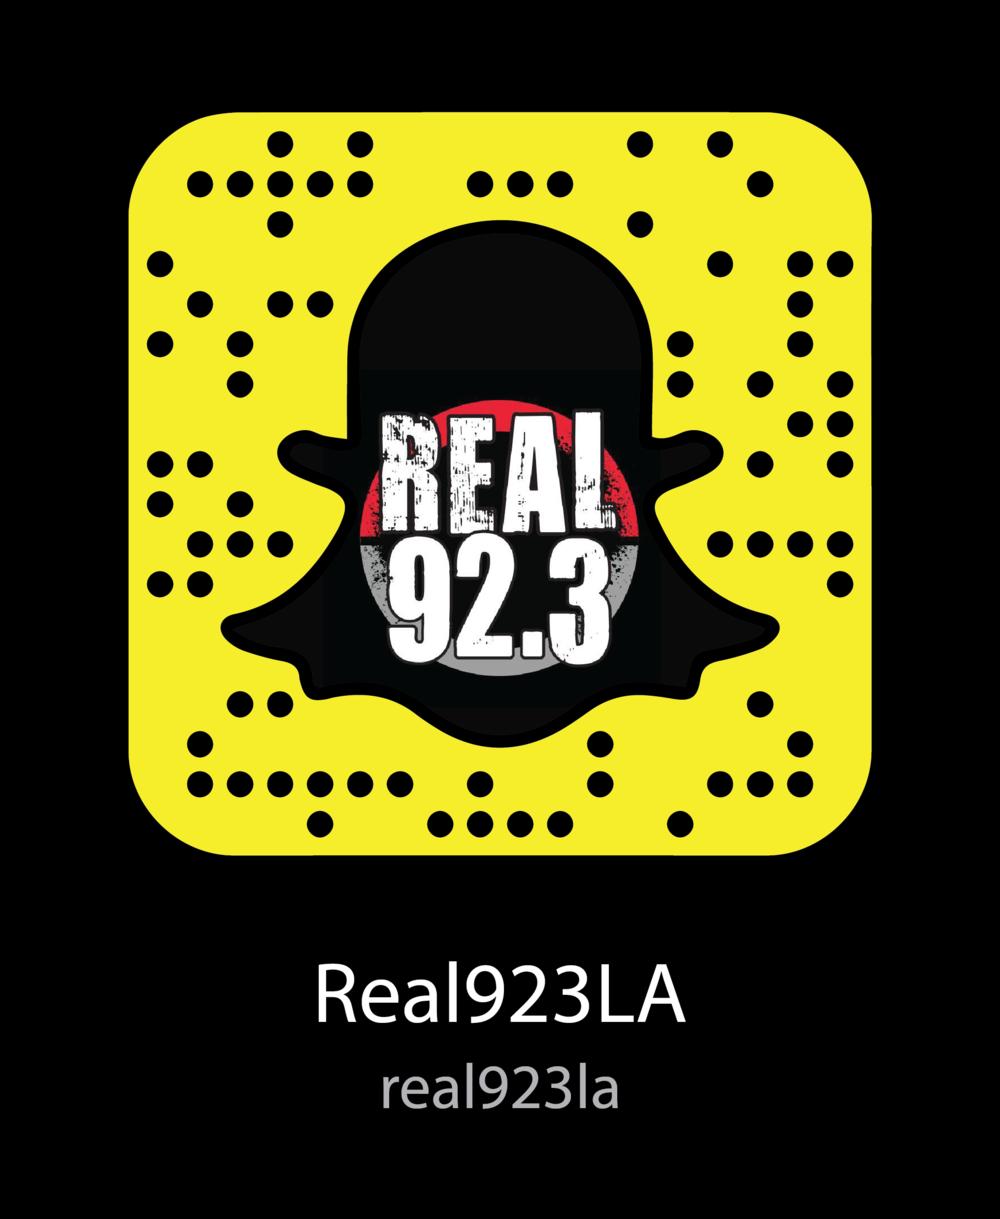 real923la-Radio-Stations-snapchat-snapcode.png